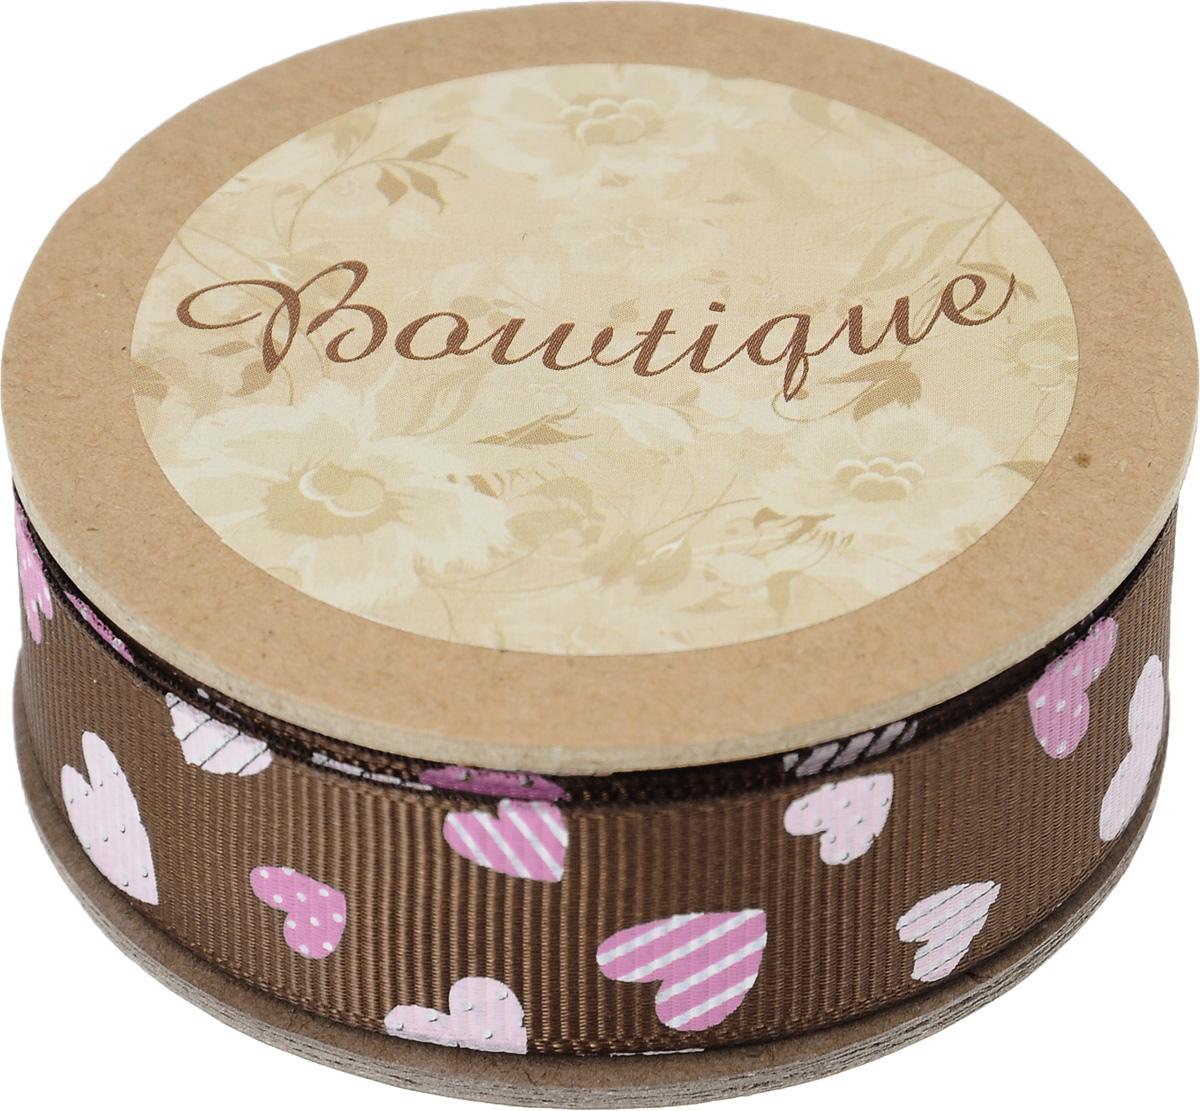 Лента репсовая Hemline Сердечки, цвет: шоколадный, розовый, 2 х 500 смVR20.140Лента на картонной катушке Hemline Сердечки выполнена из полиэстера, она жесткая и хорошо держит форму. Такая лента идеально подойдет для оформления различных творческих работ, может использоваться для скрапбукинга, создания аппликаций, декора коробок и открыток, часто ее применяют при пошиве одежды, сумок, аксессуаров. Лента наивысшего качества практична в использовании. Она станет незаменимым элементом в создании вашего рукотворного шедевра.